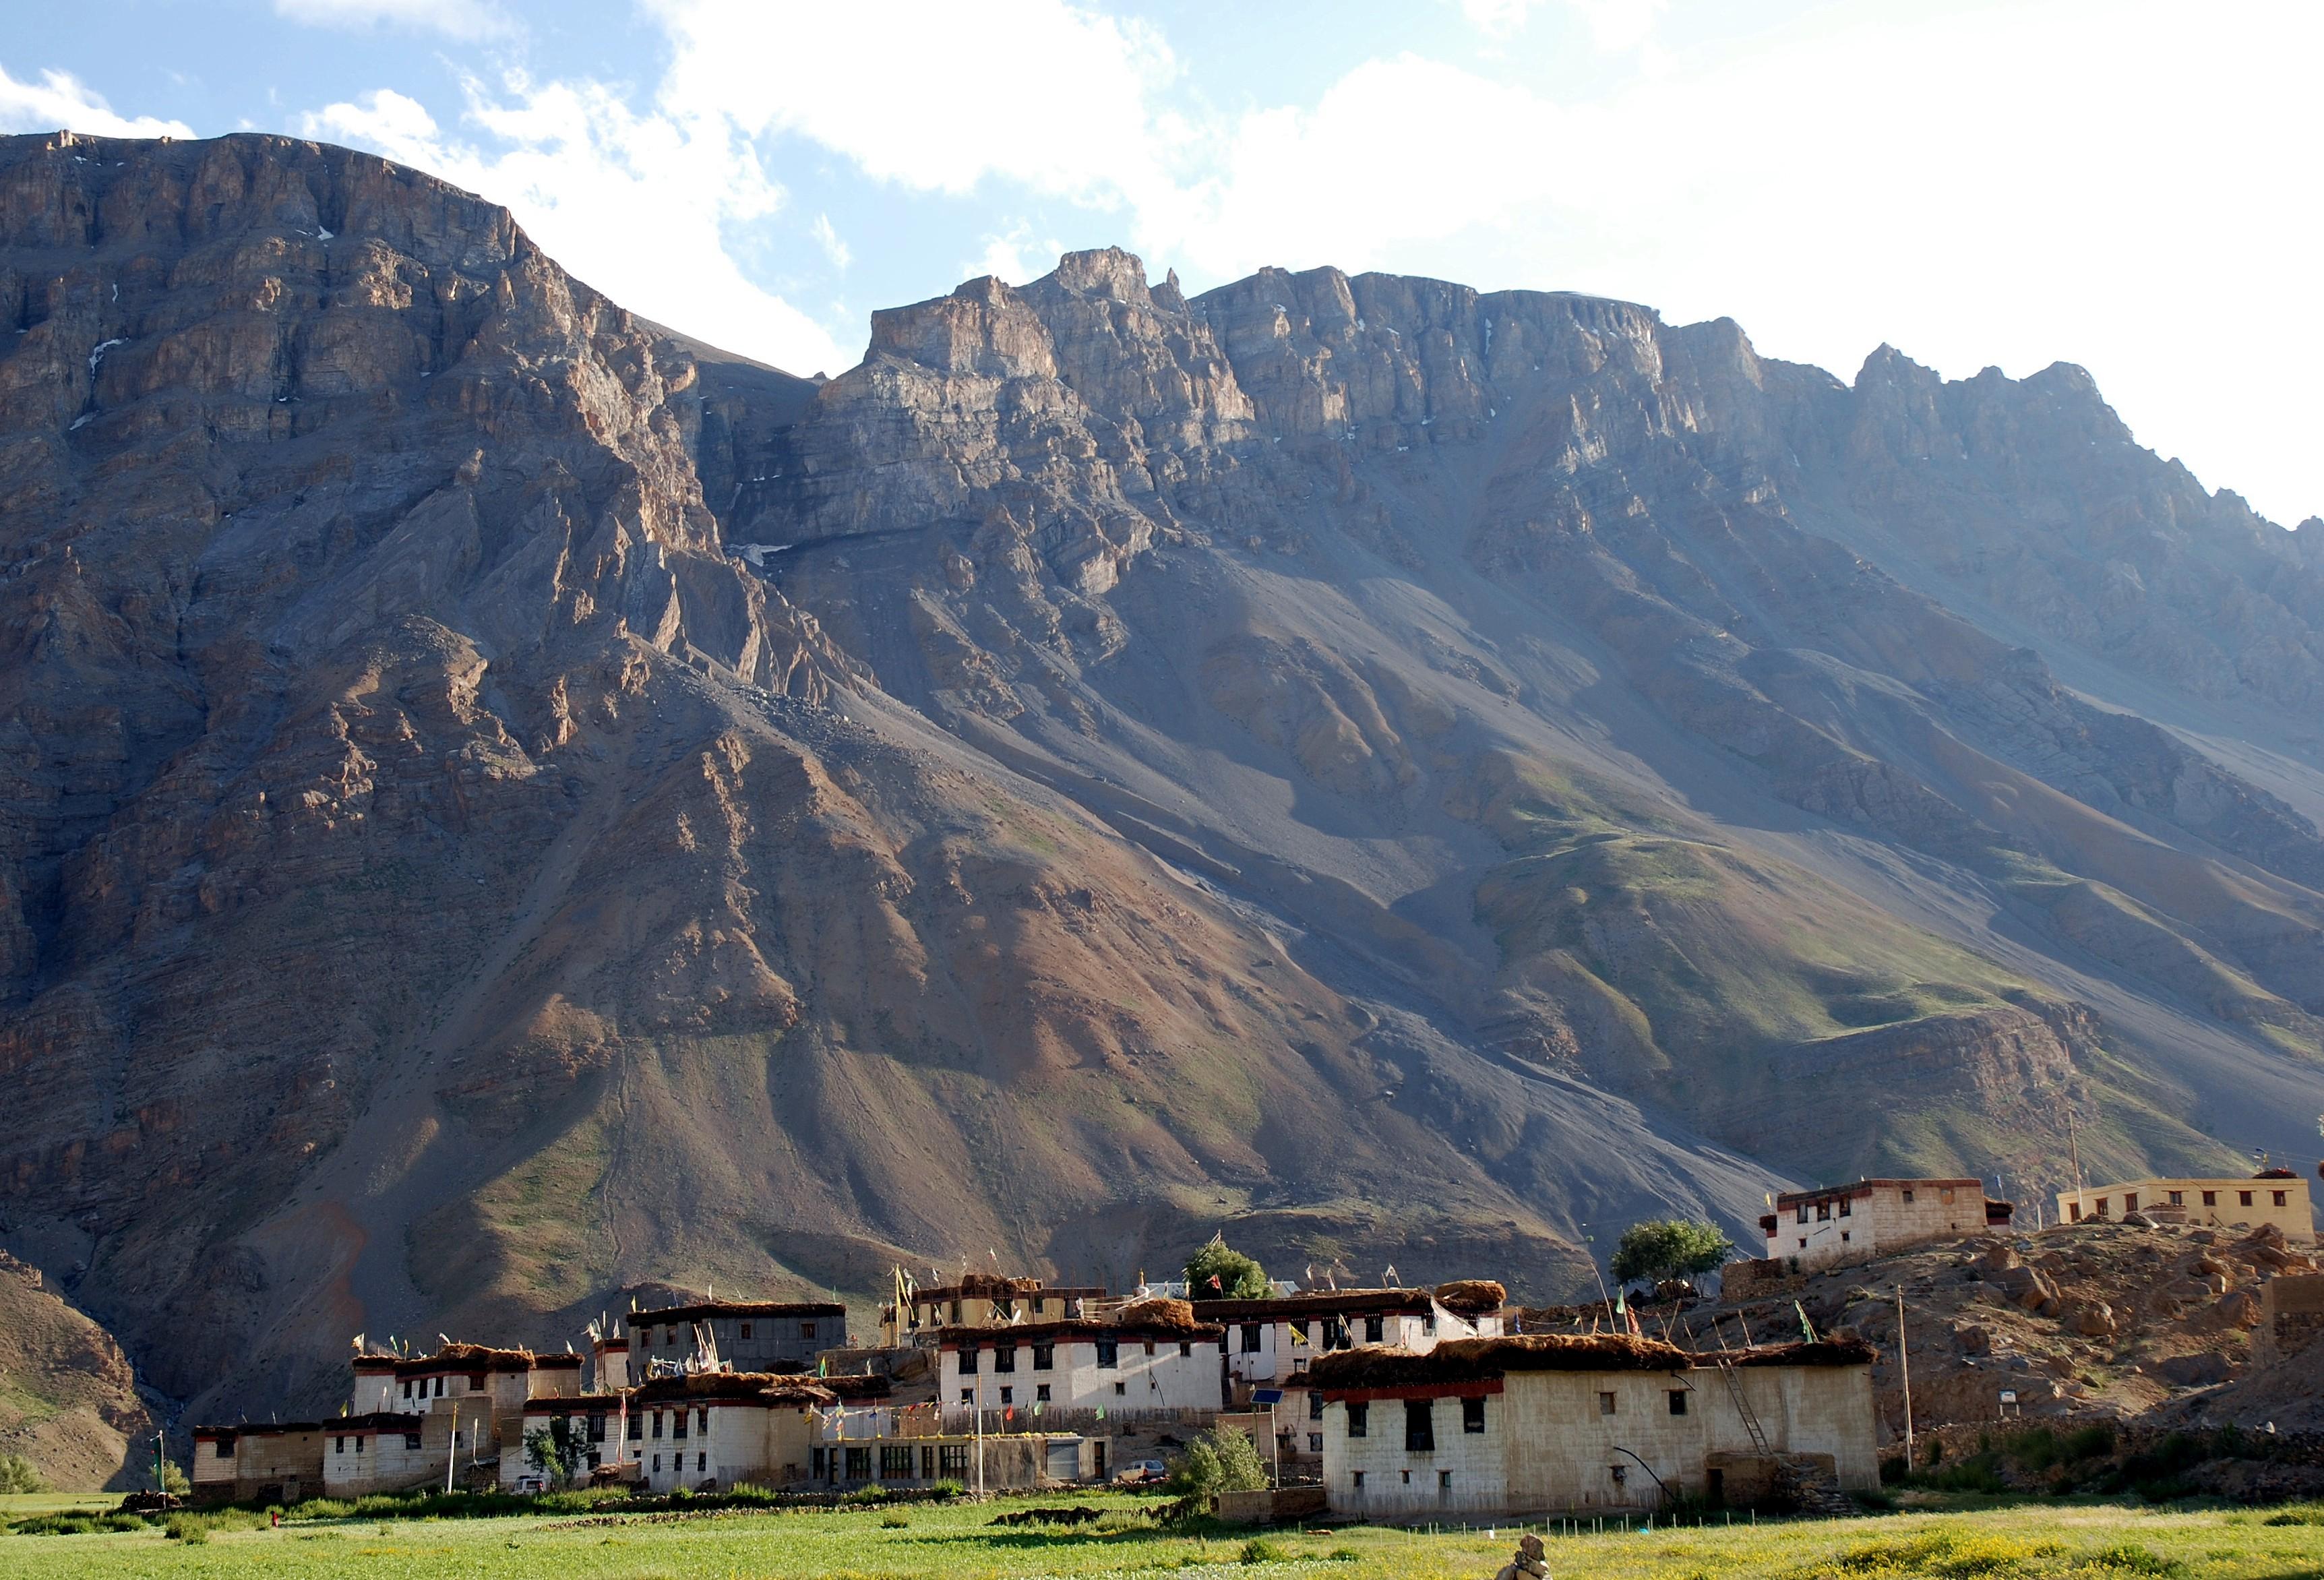 Dorf in Spitilandschaft